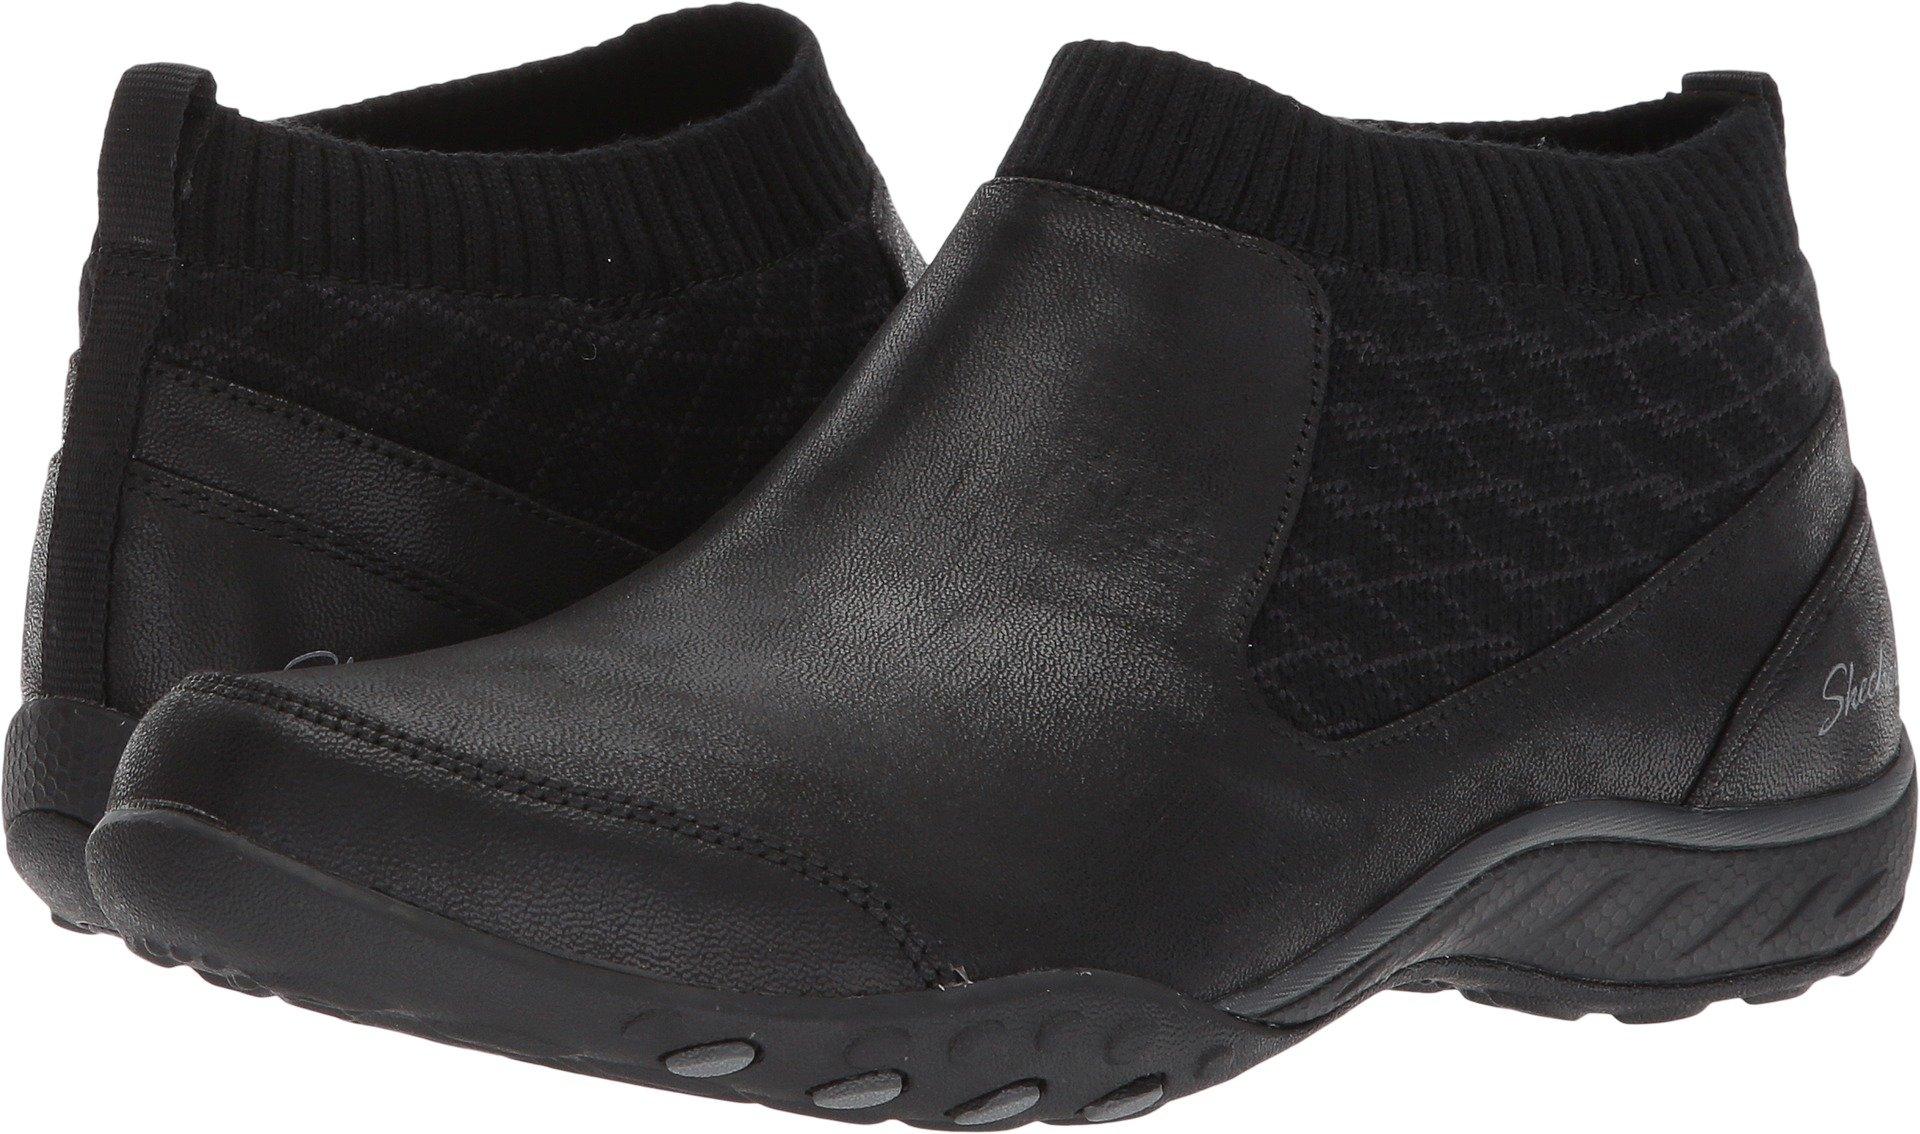 Skechers Sport Women's Breathe Easy Declare Sneaker,Black,8.5 M US